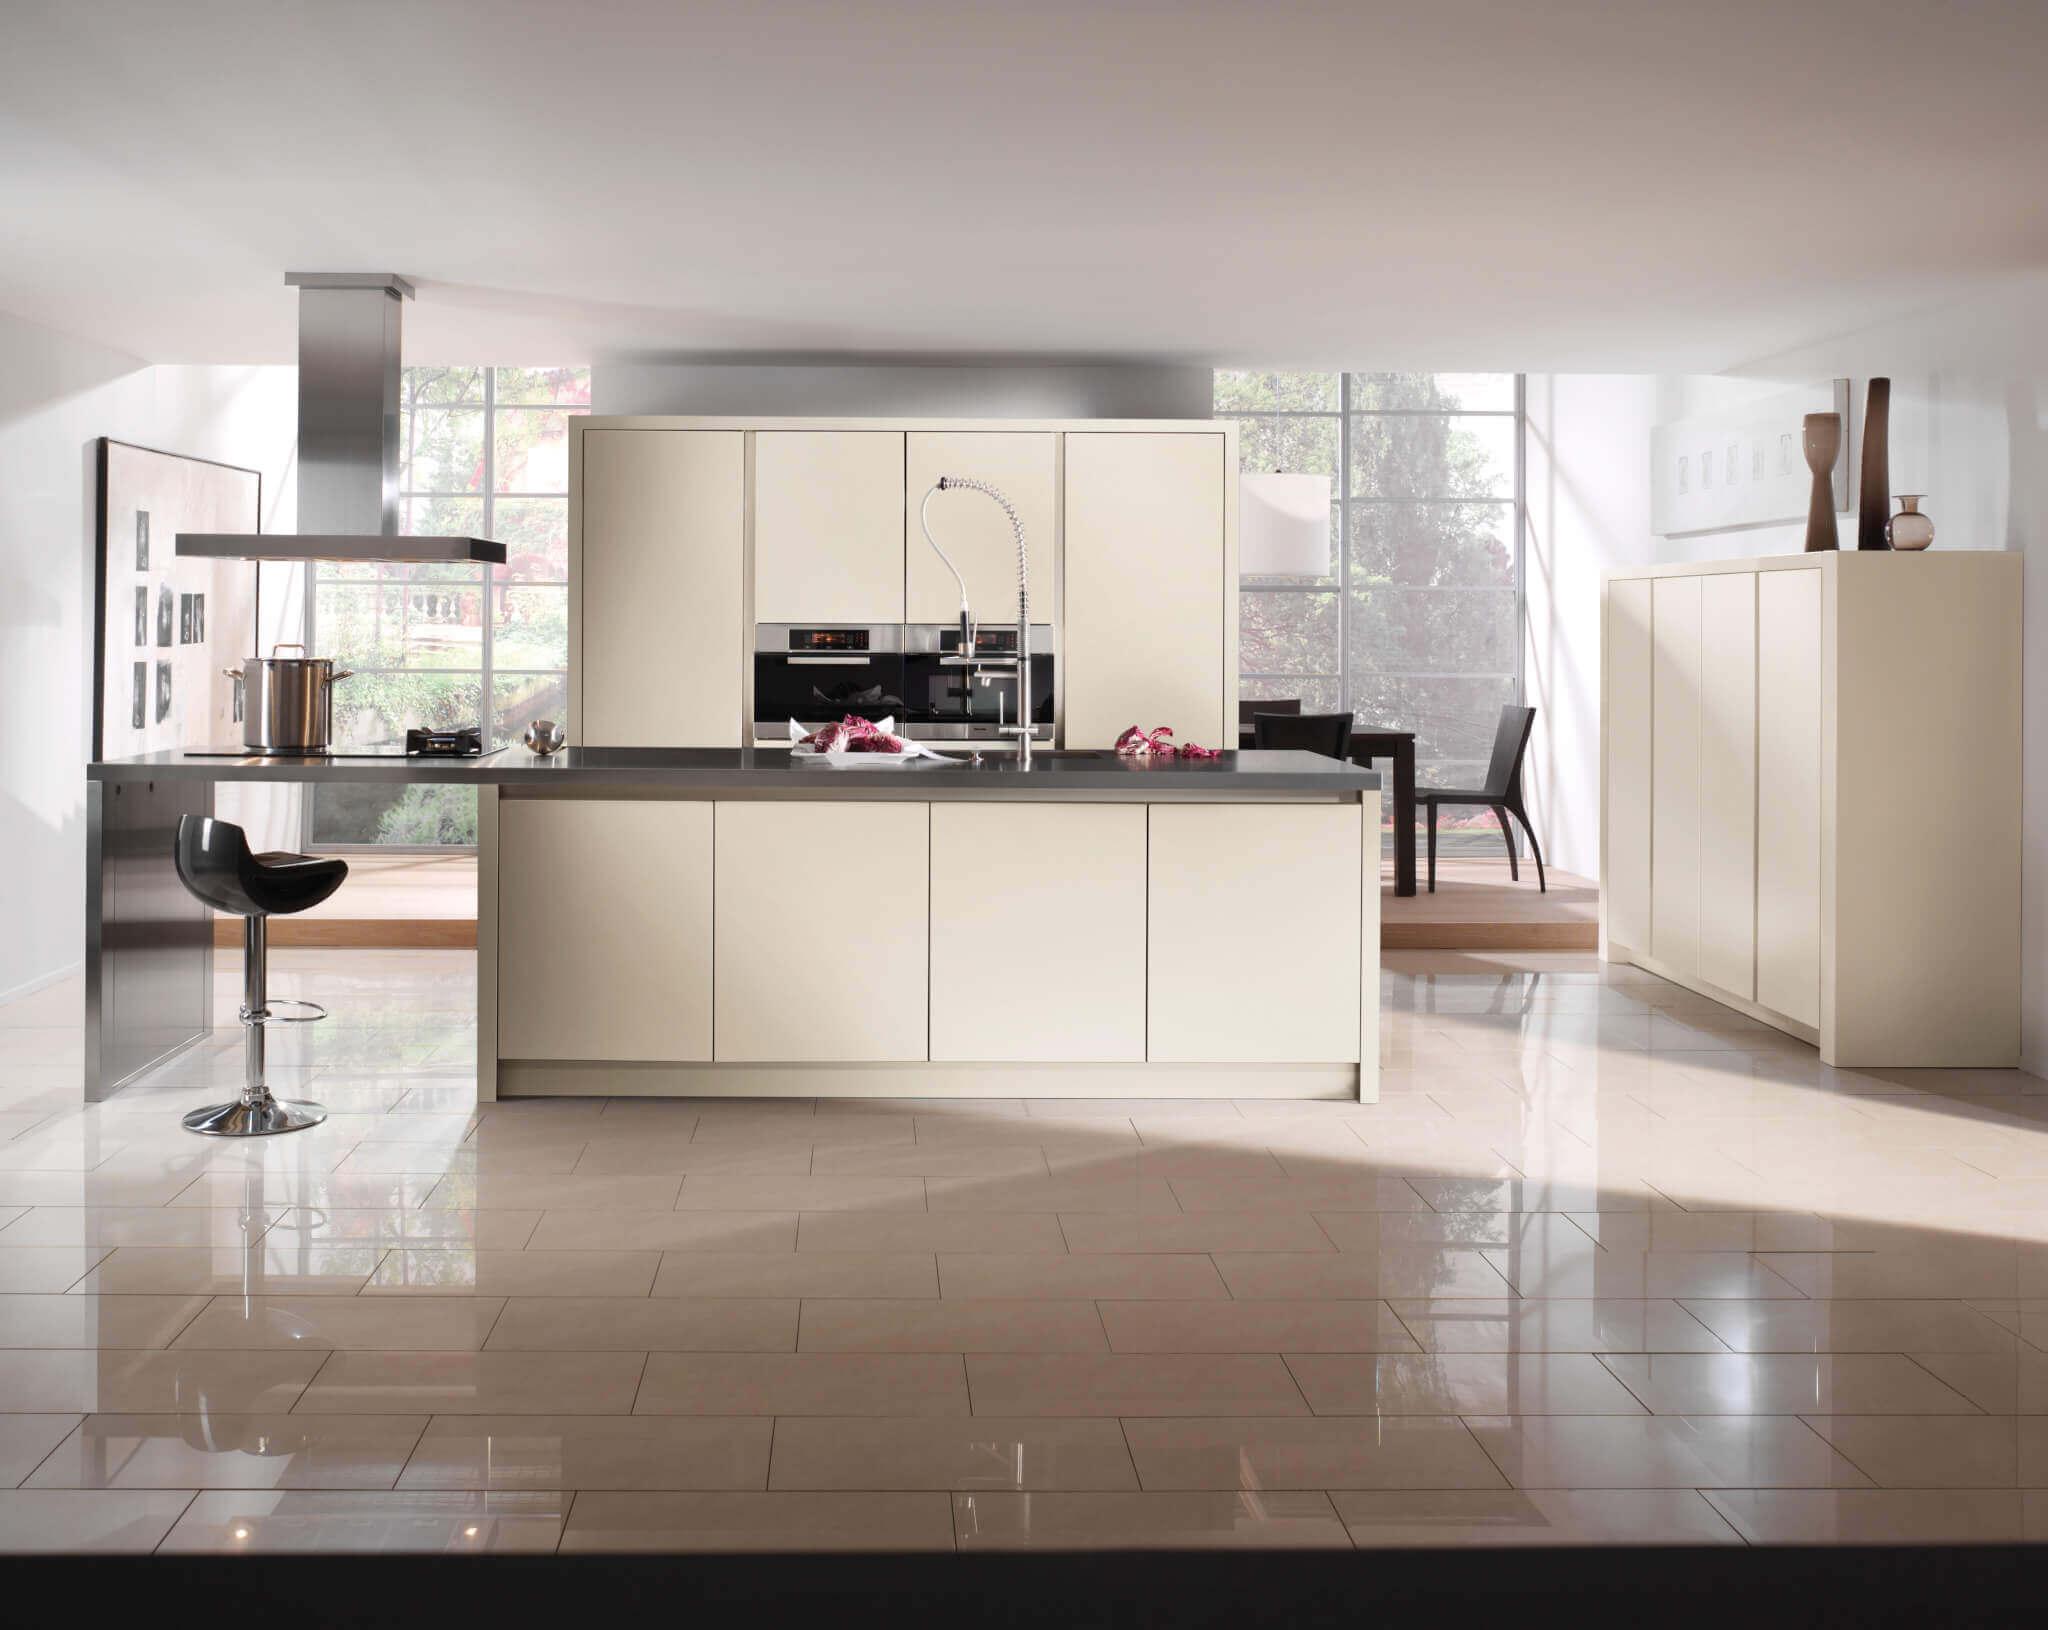 Magnolie Als Küchenfarbe: Ideen Und Bilder Für Die Küchenplanung    Küchenfinder Magazin